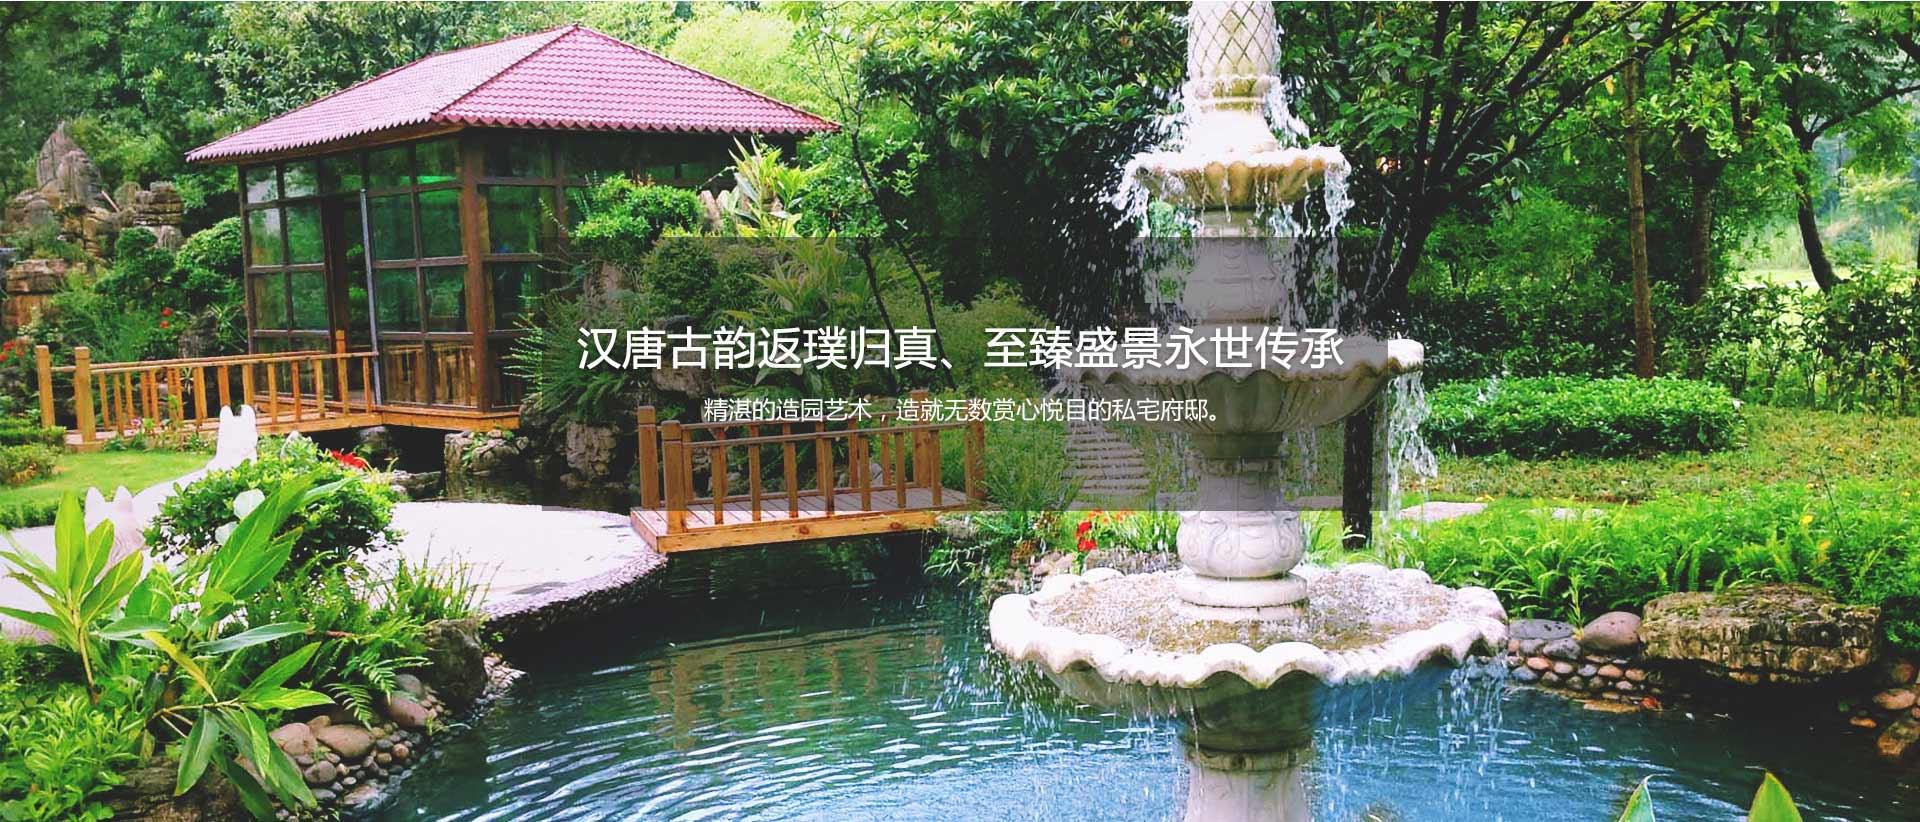 重庆花园景观设计